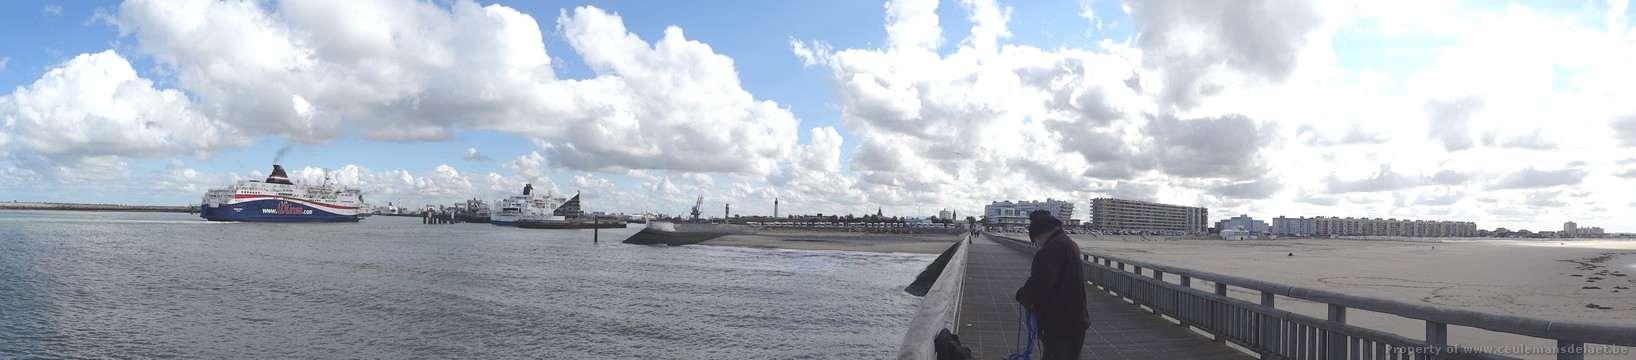 Frankrijk-Normandie-CharenteMaritime-van 15-09-2012 tot en met 23-09-2012-215